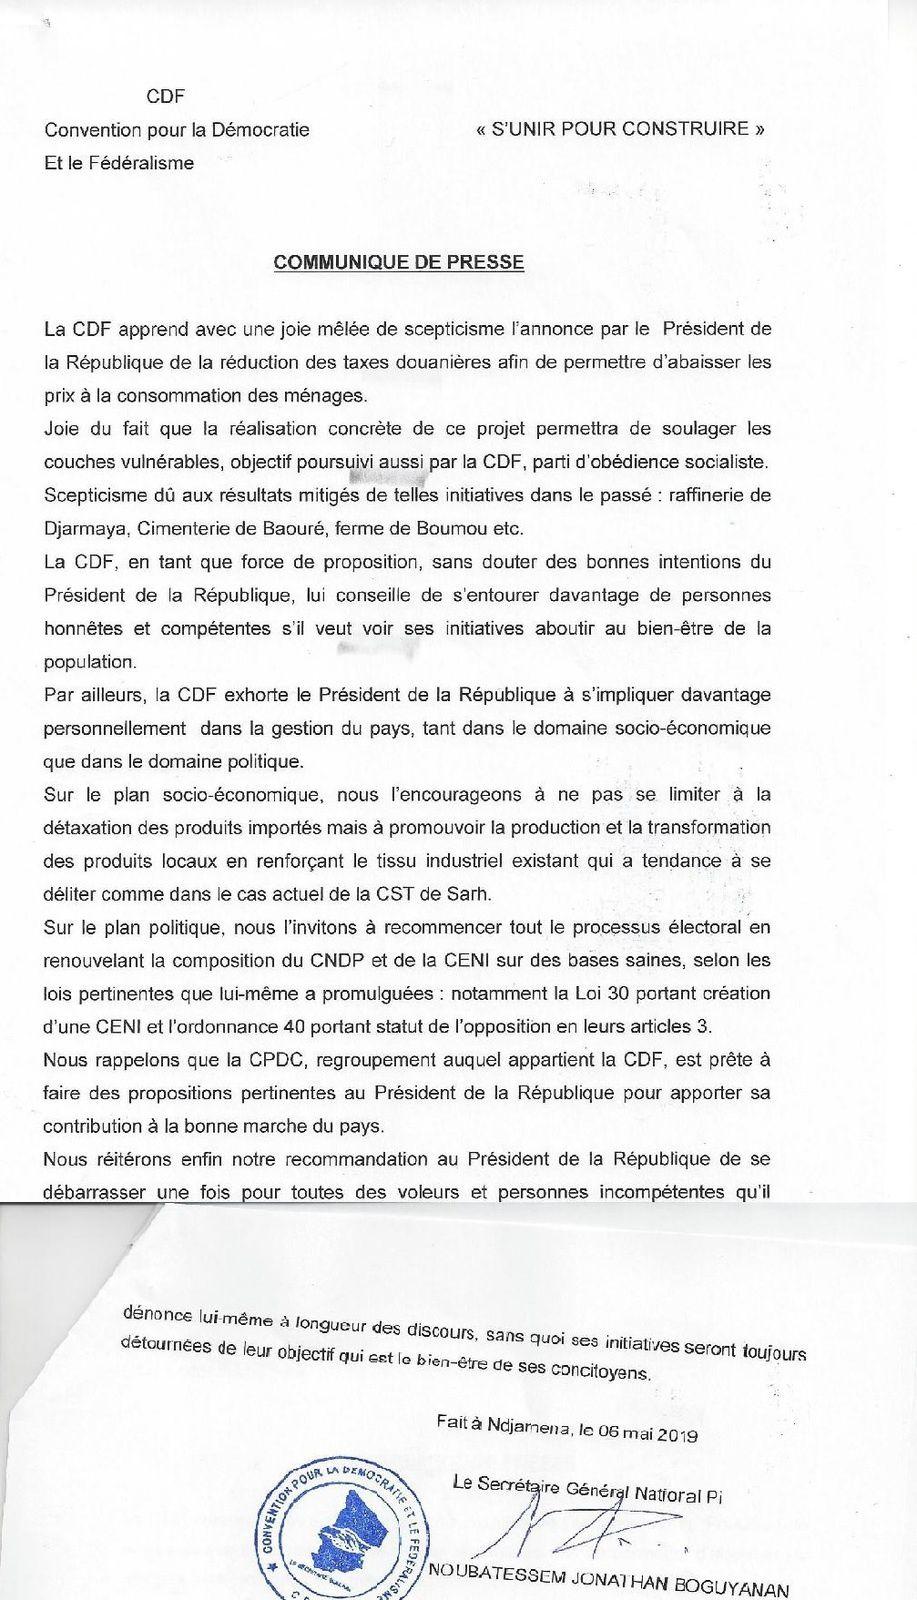 La CDF appelle Idriss DEBY à s'investir personnellement sinon ses promesses sont nulles